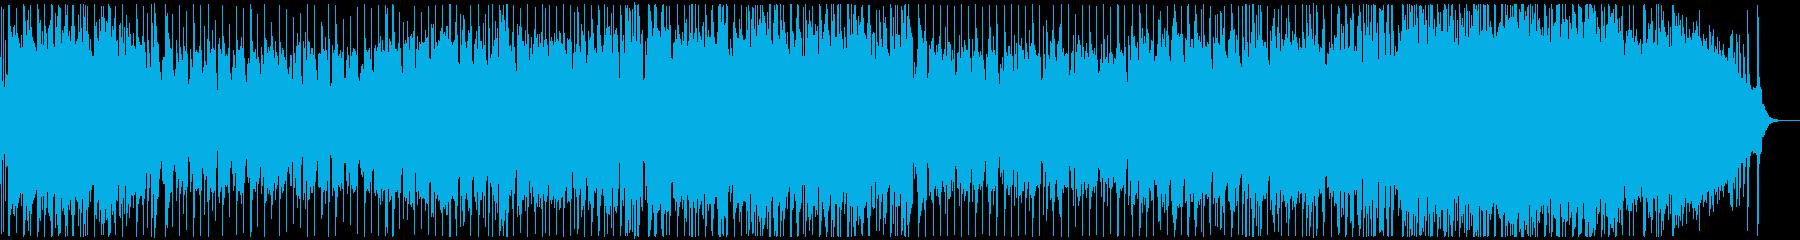 和風で日本的な印象の雅な和ポップスの再生済みの波形